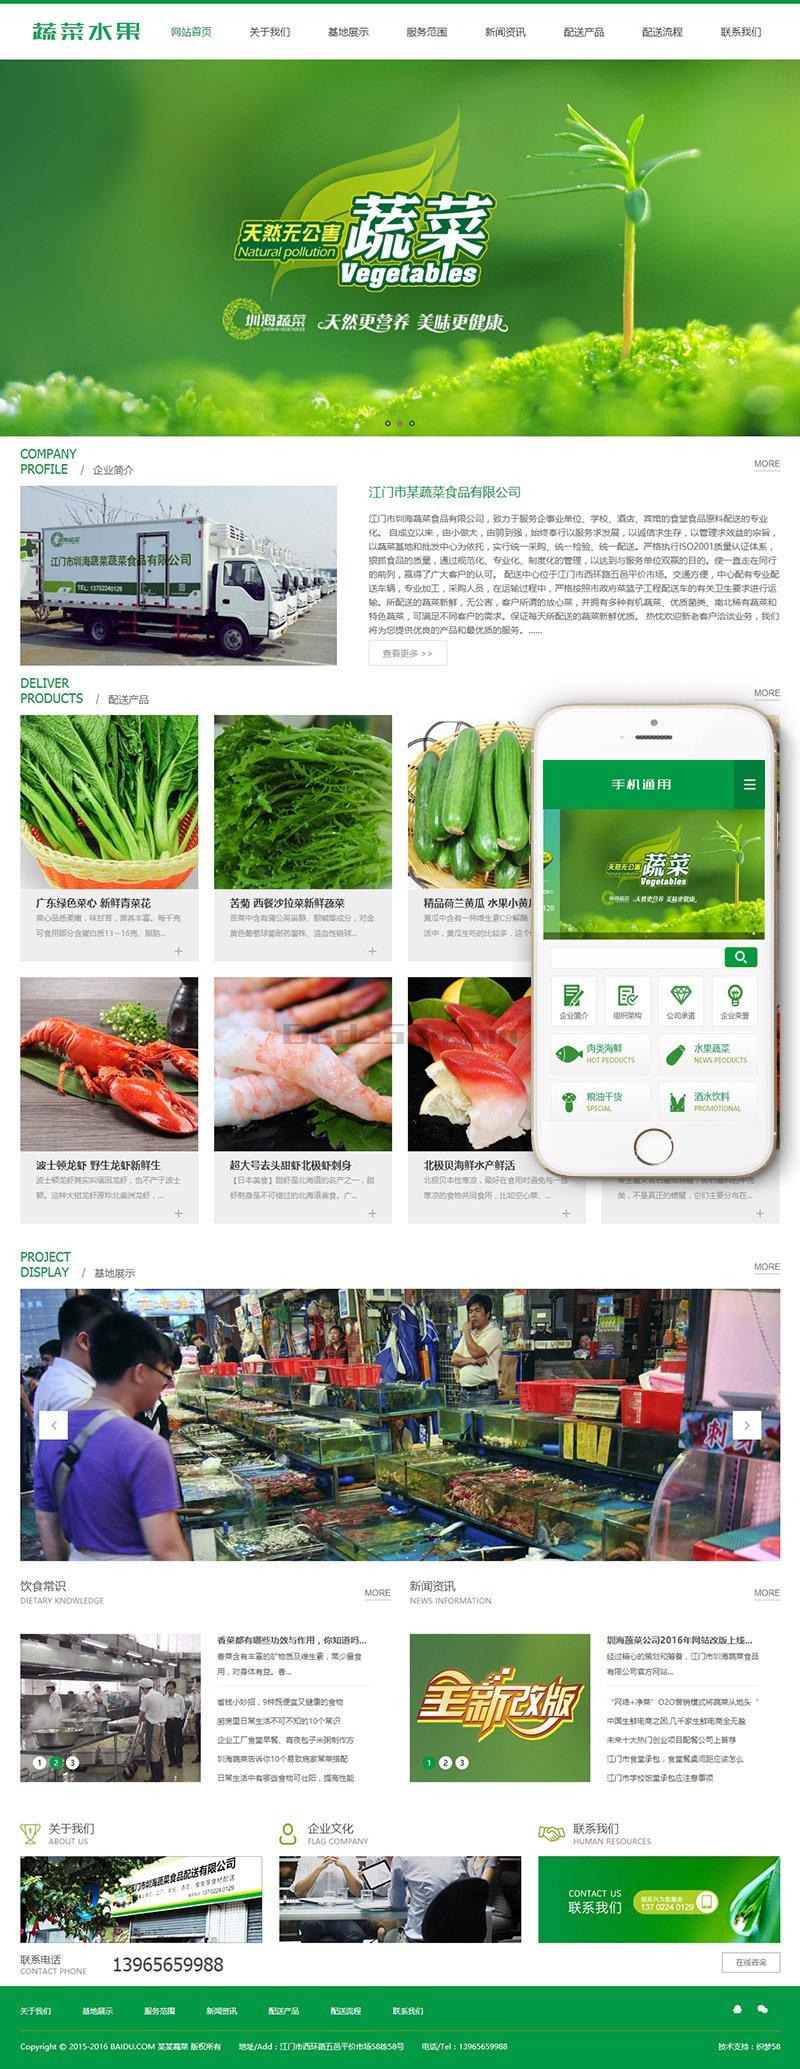 dedecms织梦内核绿色蔬菜水果食品公司网站模板带WAP手机移动端